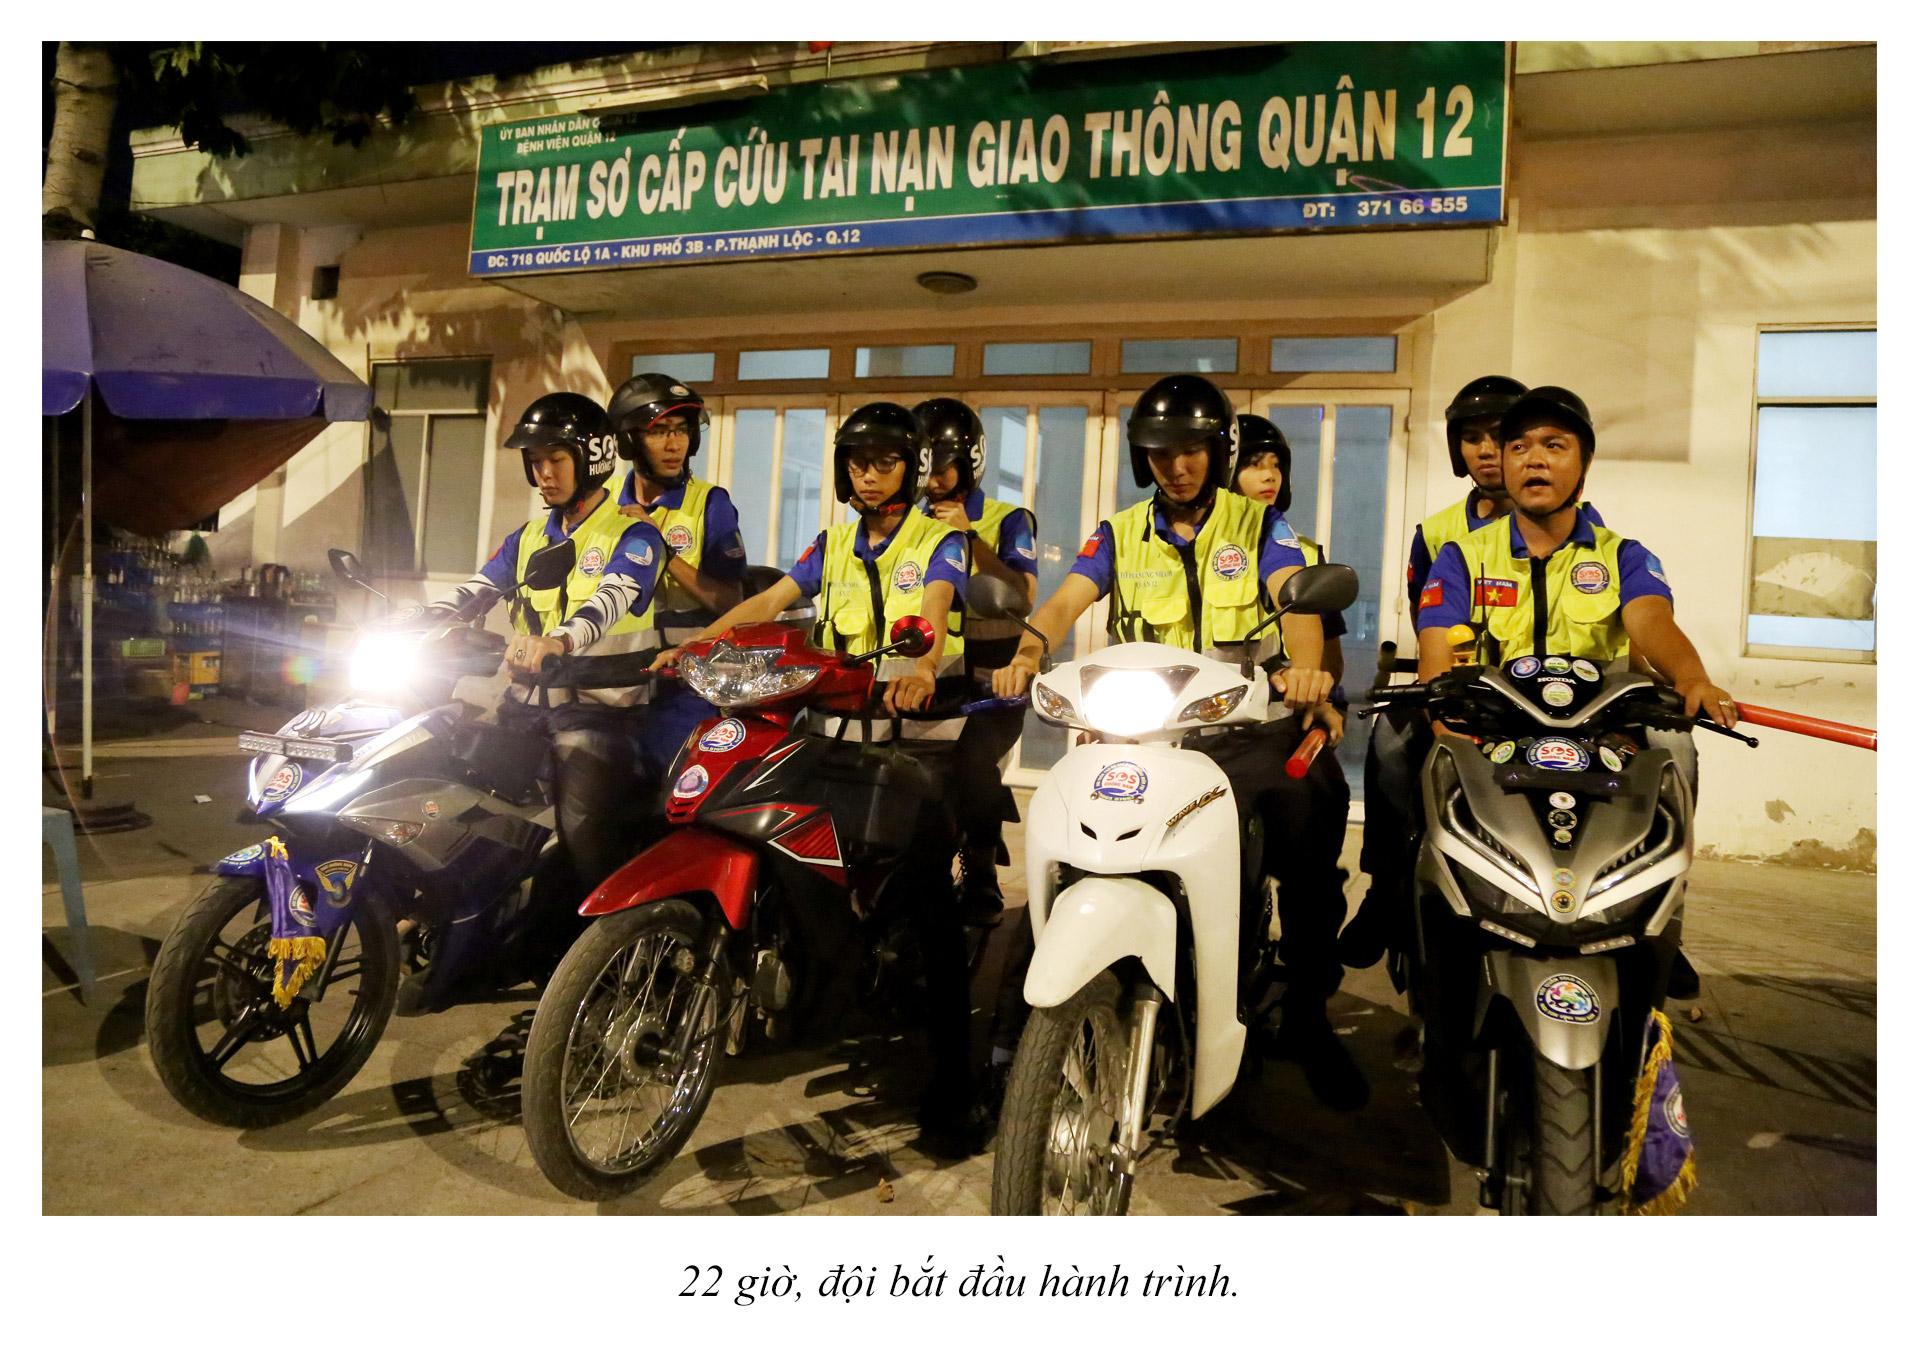 Biệt đội cứu hộ xuyên đêm miễn phí ở Sài Gòn - ảnh 10